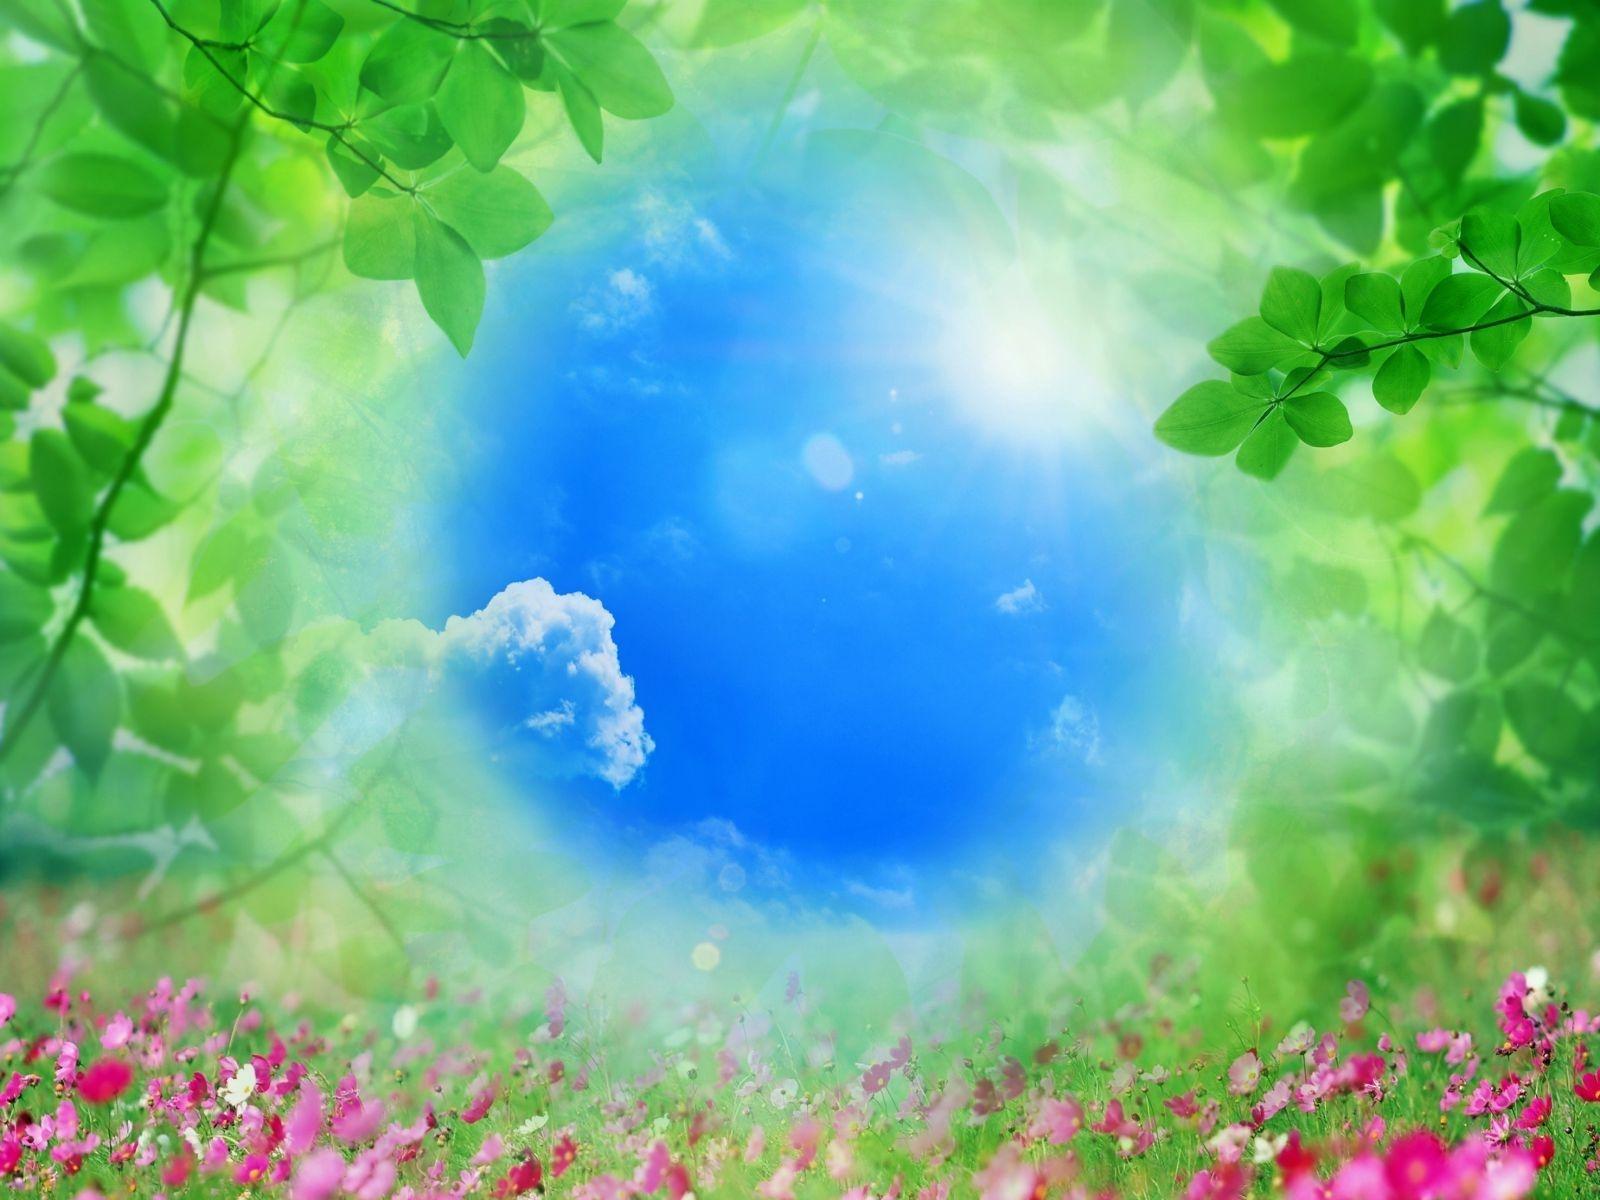 2715 Bildschirmschoner und Hintergrundbilder Pflanzen auf Ihrem Telefon. Laden Sie Pflanzen, Landschaft, Sky, Sun, Bilder Bilder kostenlos herunter